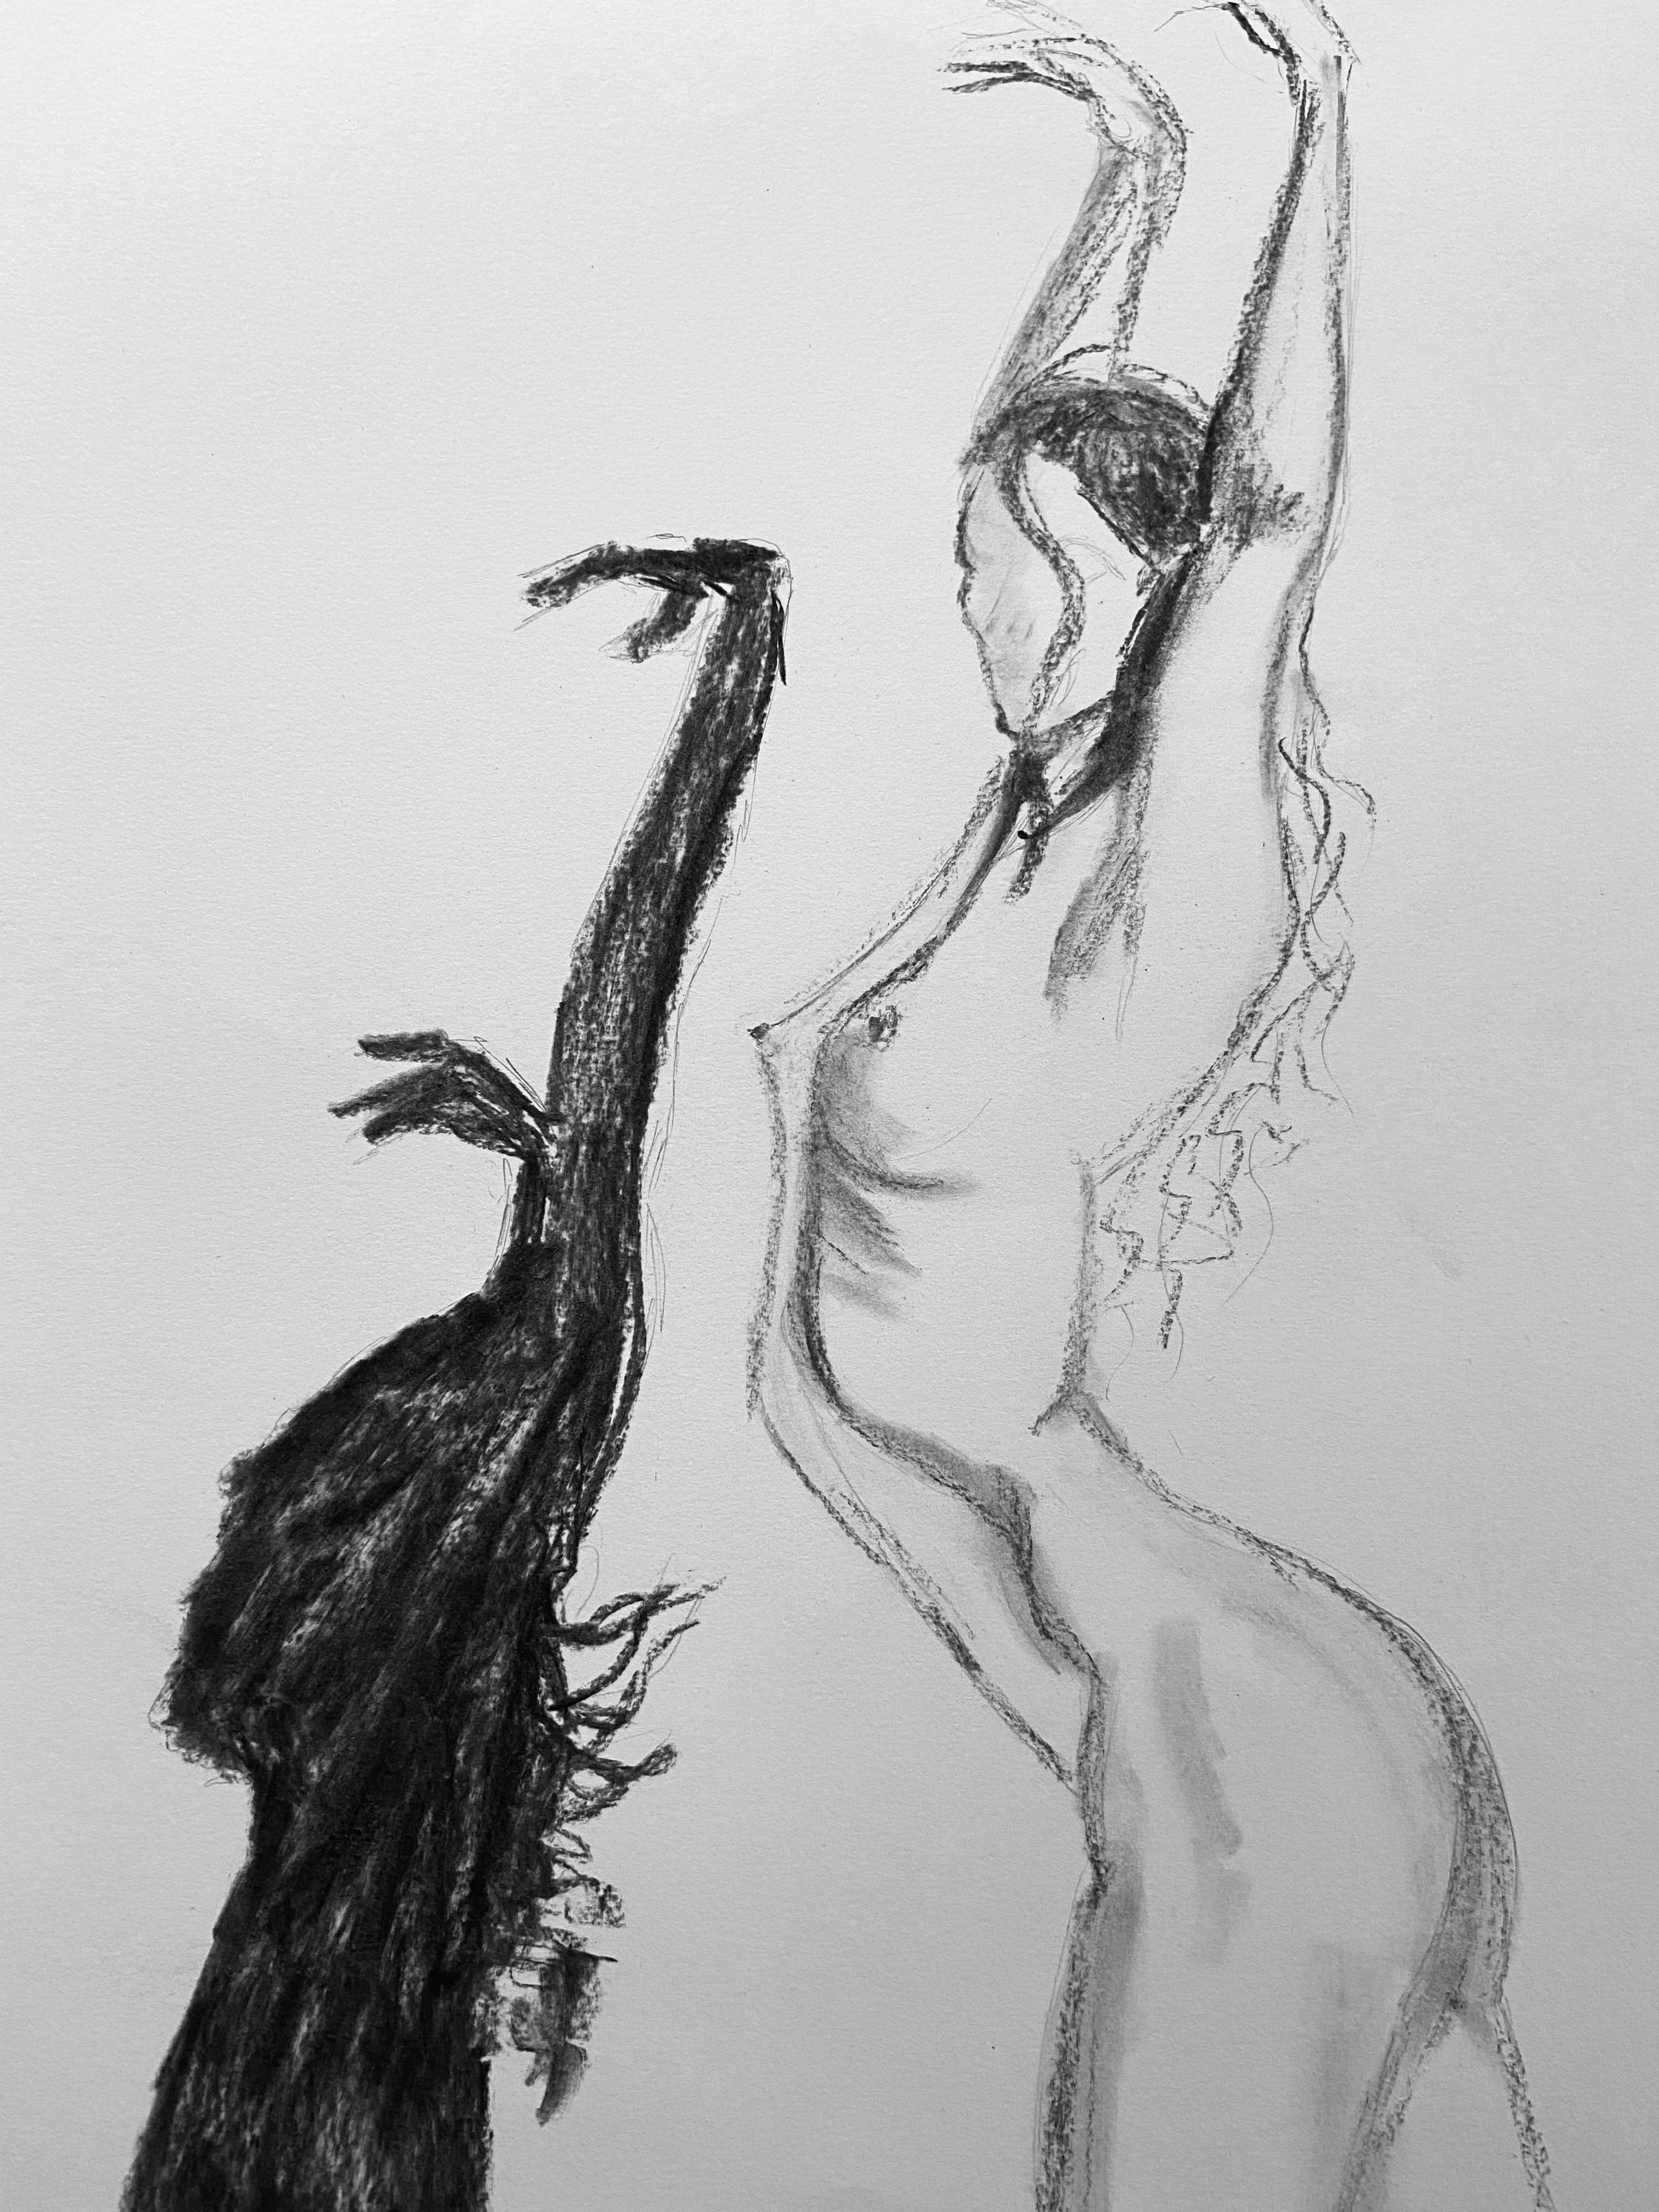 Esquisse danseuse femme profil avec ombre  cours de dessin